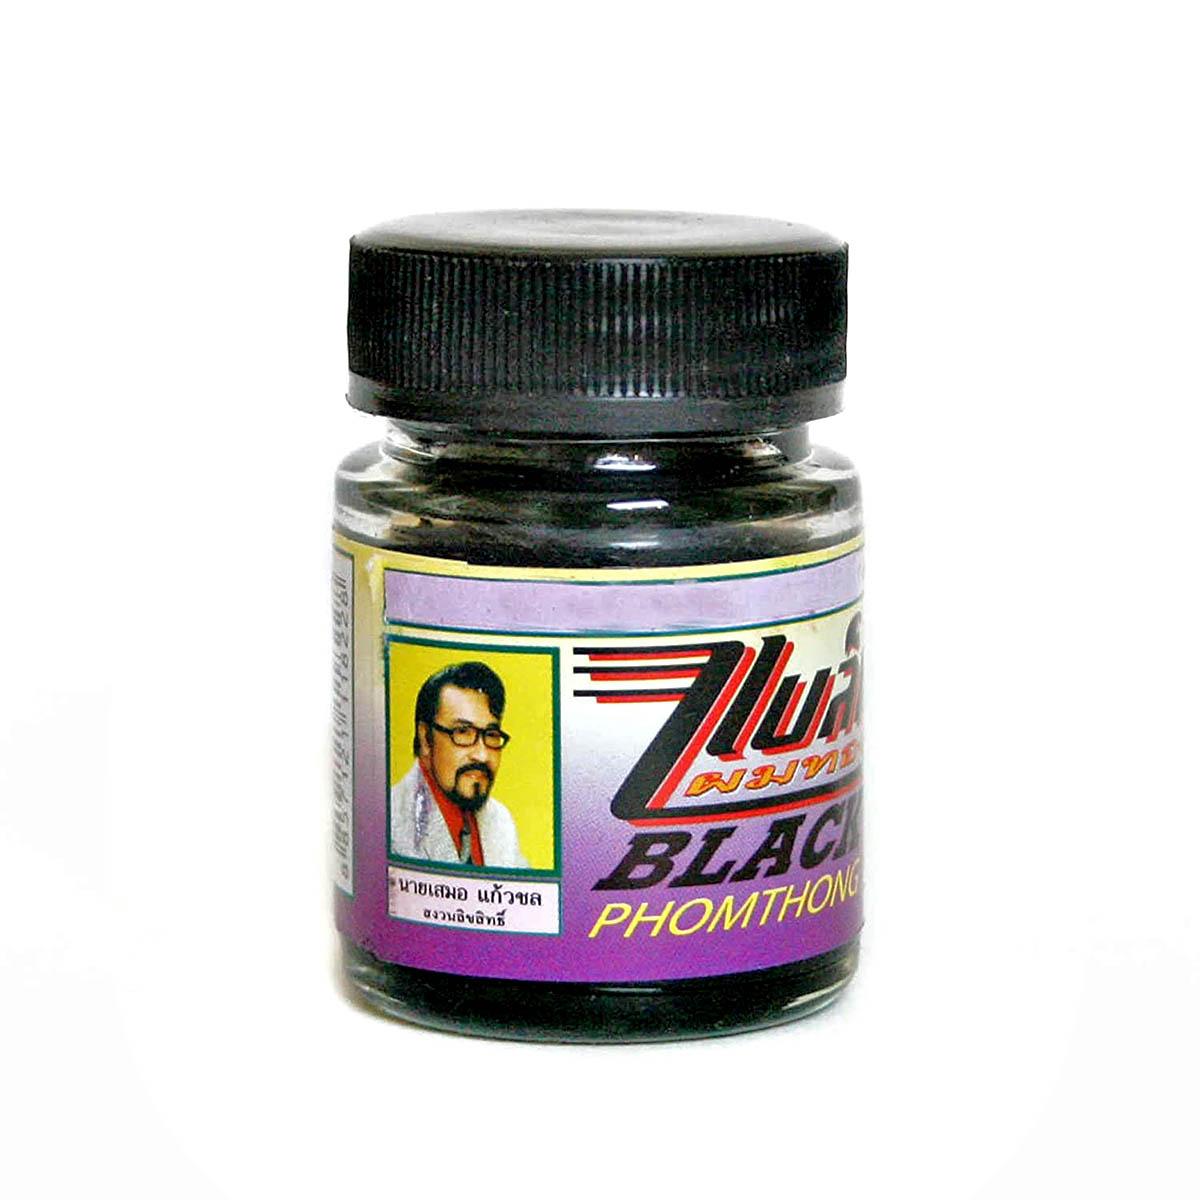 Black Phomthong, Facial Hair Growth Cream